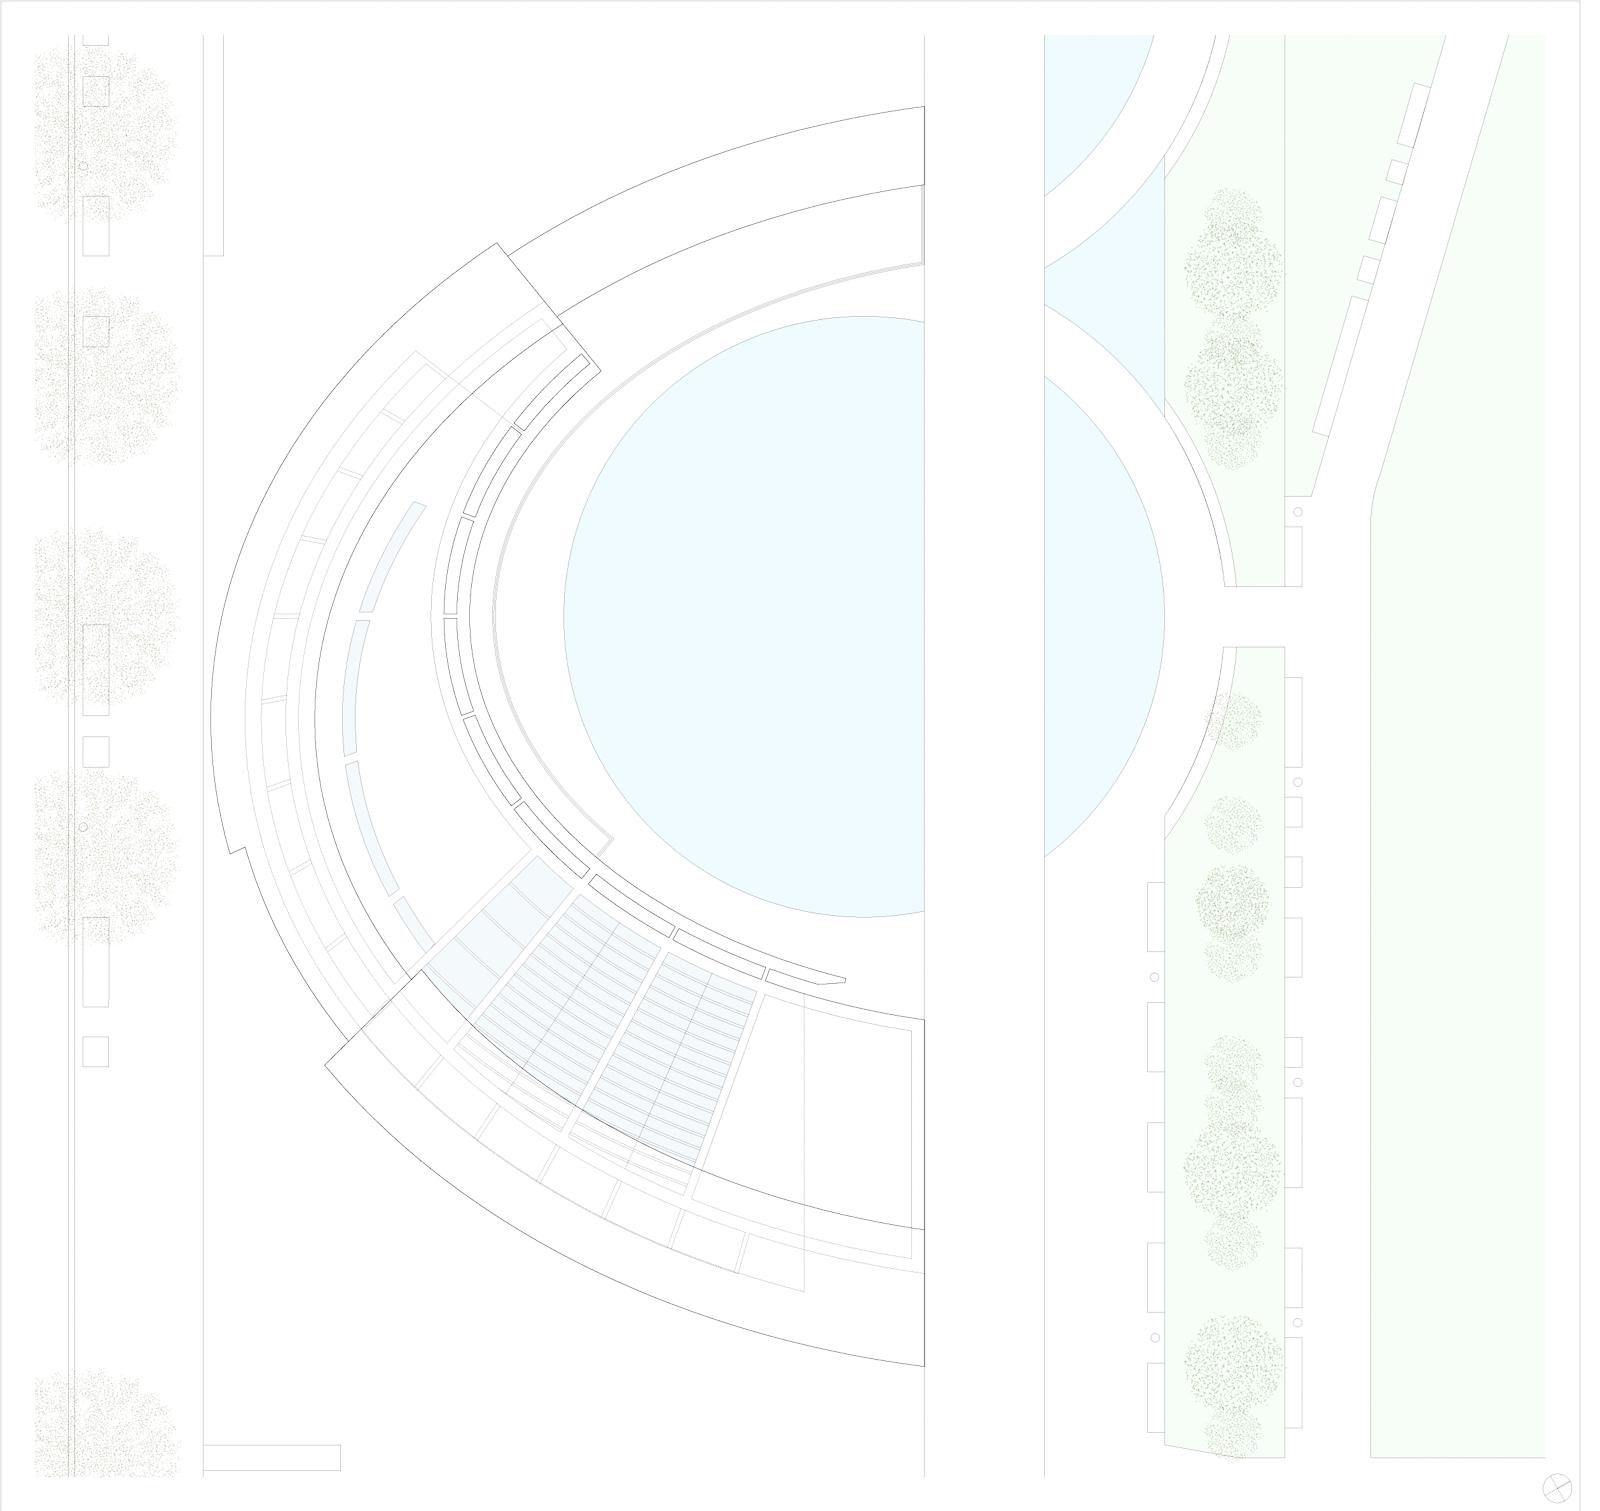 rendering-3.jpg